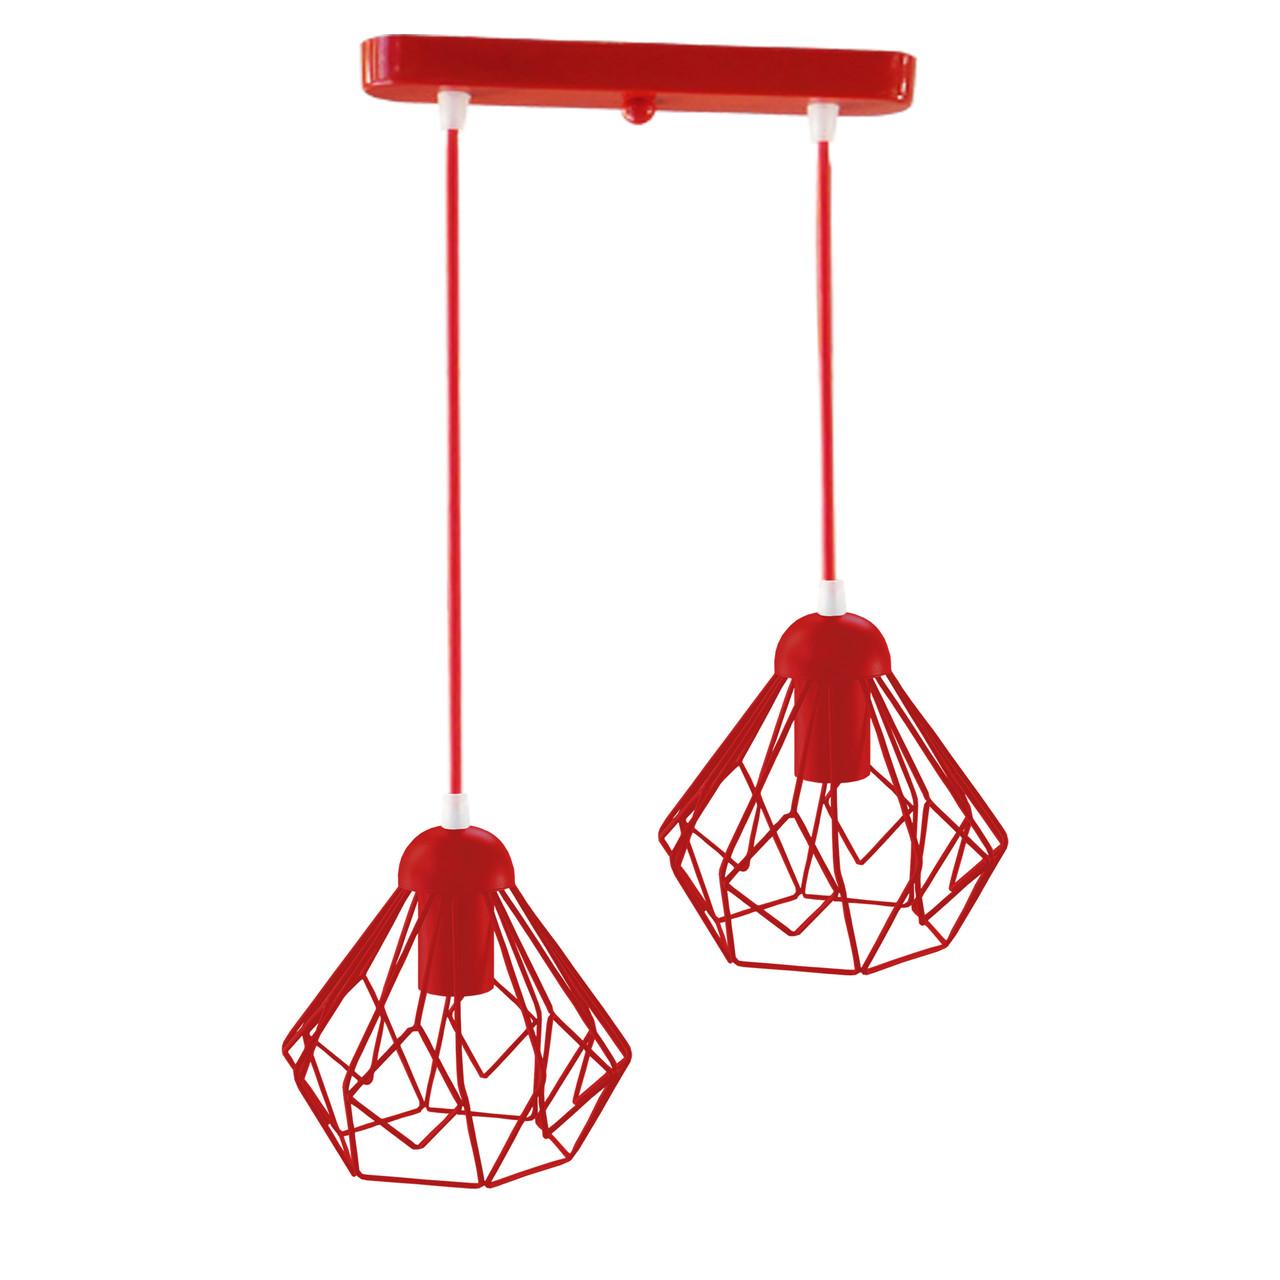 Подвесной  светильник, индустриальный стиль стиль, loft, vintage SKRAB-2 Е27  красный